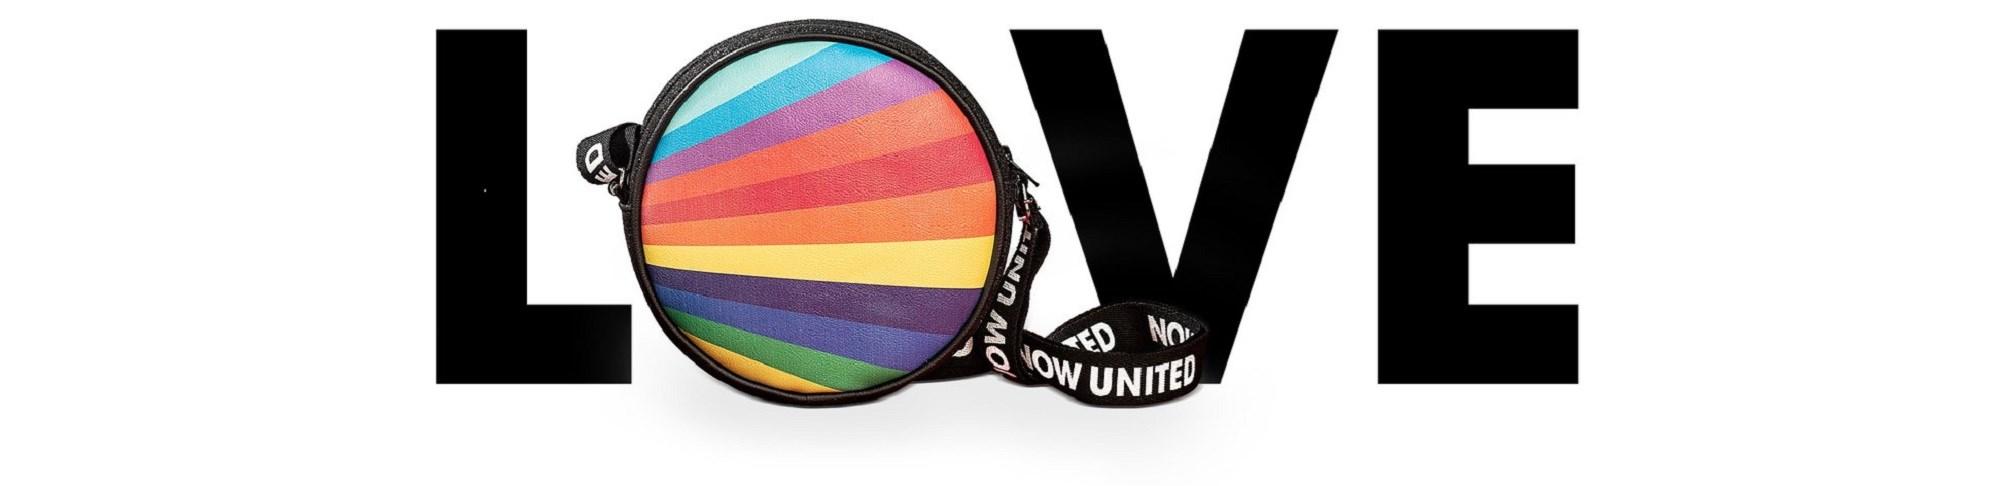 Anita Shoes - Calçados e Acessórios - Now United - Na Anita Shoes você encontra bolsas, tênis, sapatilhas, sandálias, pochetes da marca Now United.